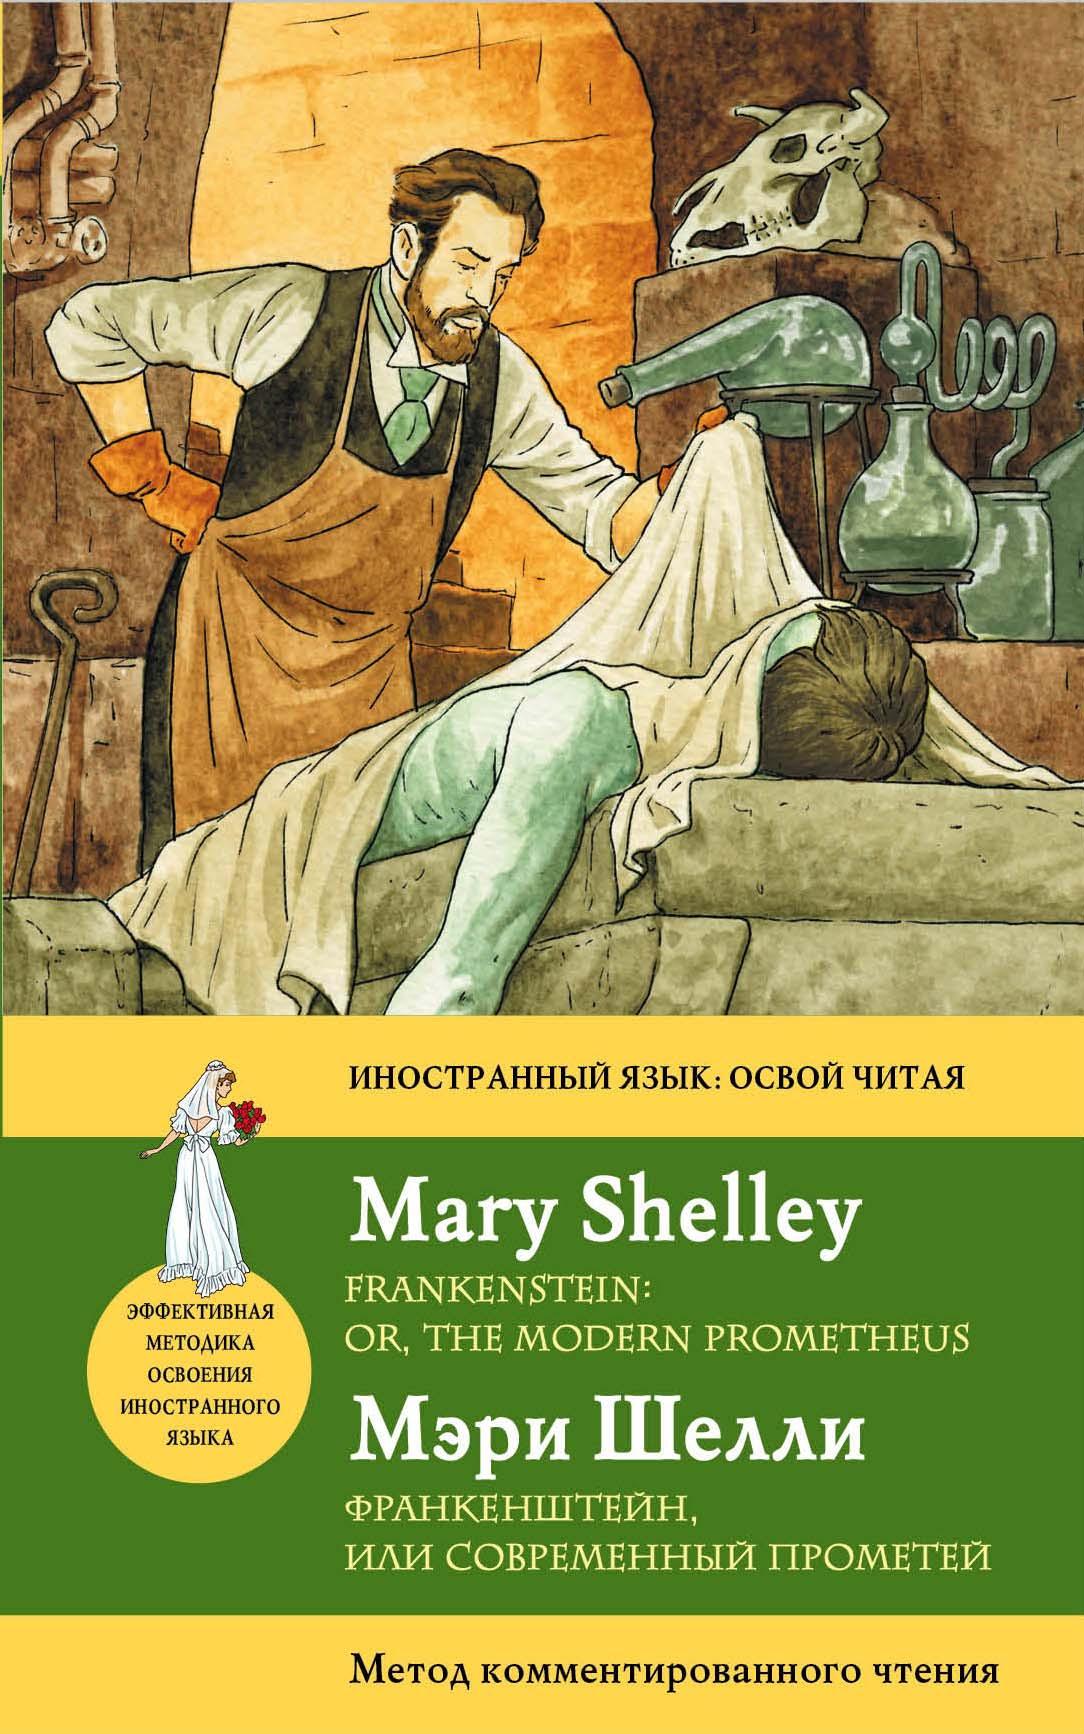 Мэри Шелли Франкенштейн, или Современный Прометей / Frankenstein or, the Modern Prometheus. Метод комментированного чтения глеб павловский план путина краткий справочник – путеводитель